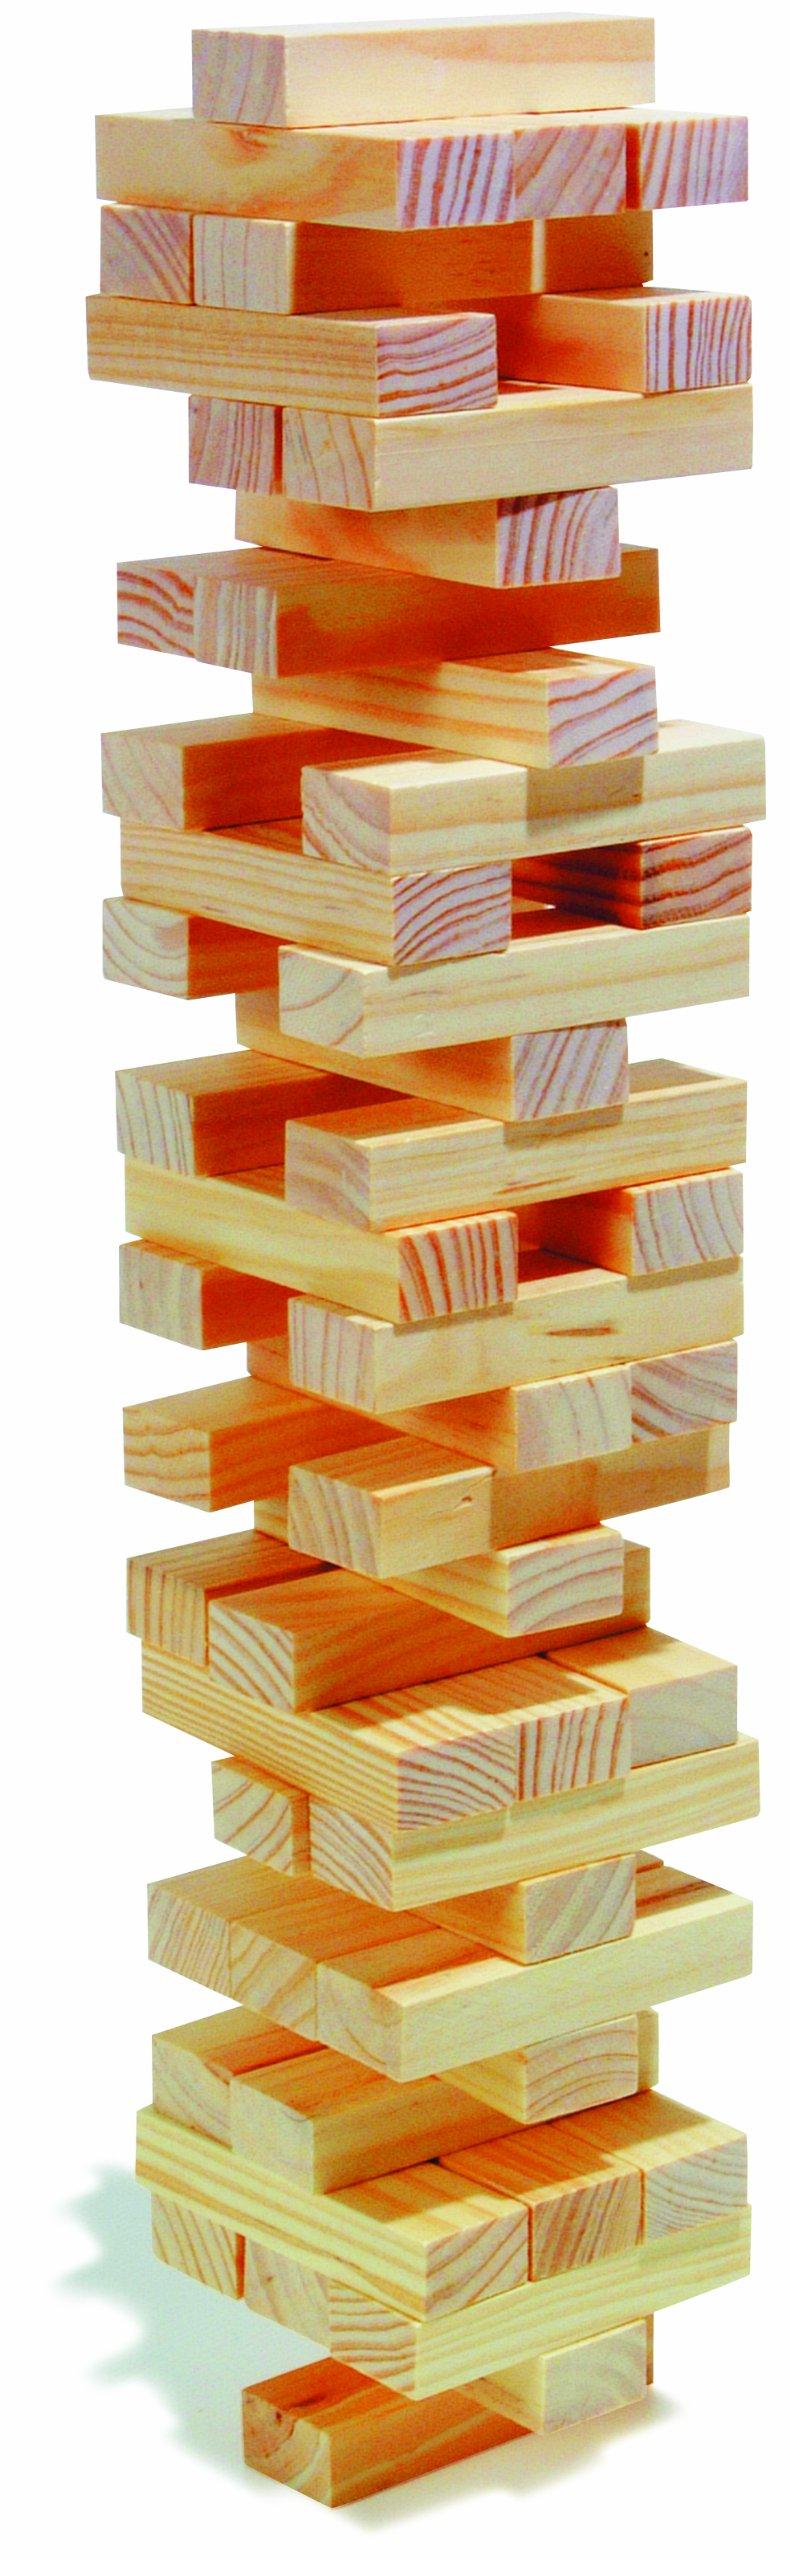 small foot company Torre Tambaleante: Amazon.es: Juguetes y juegos